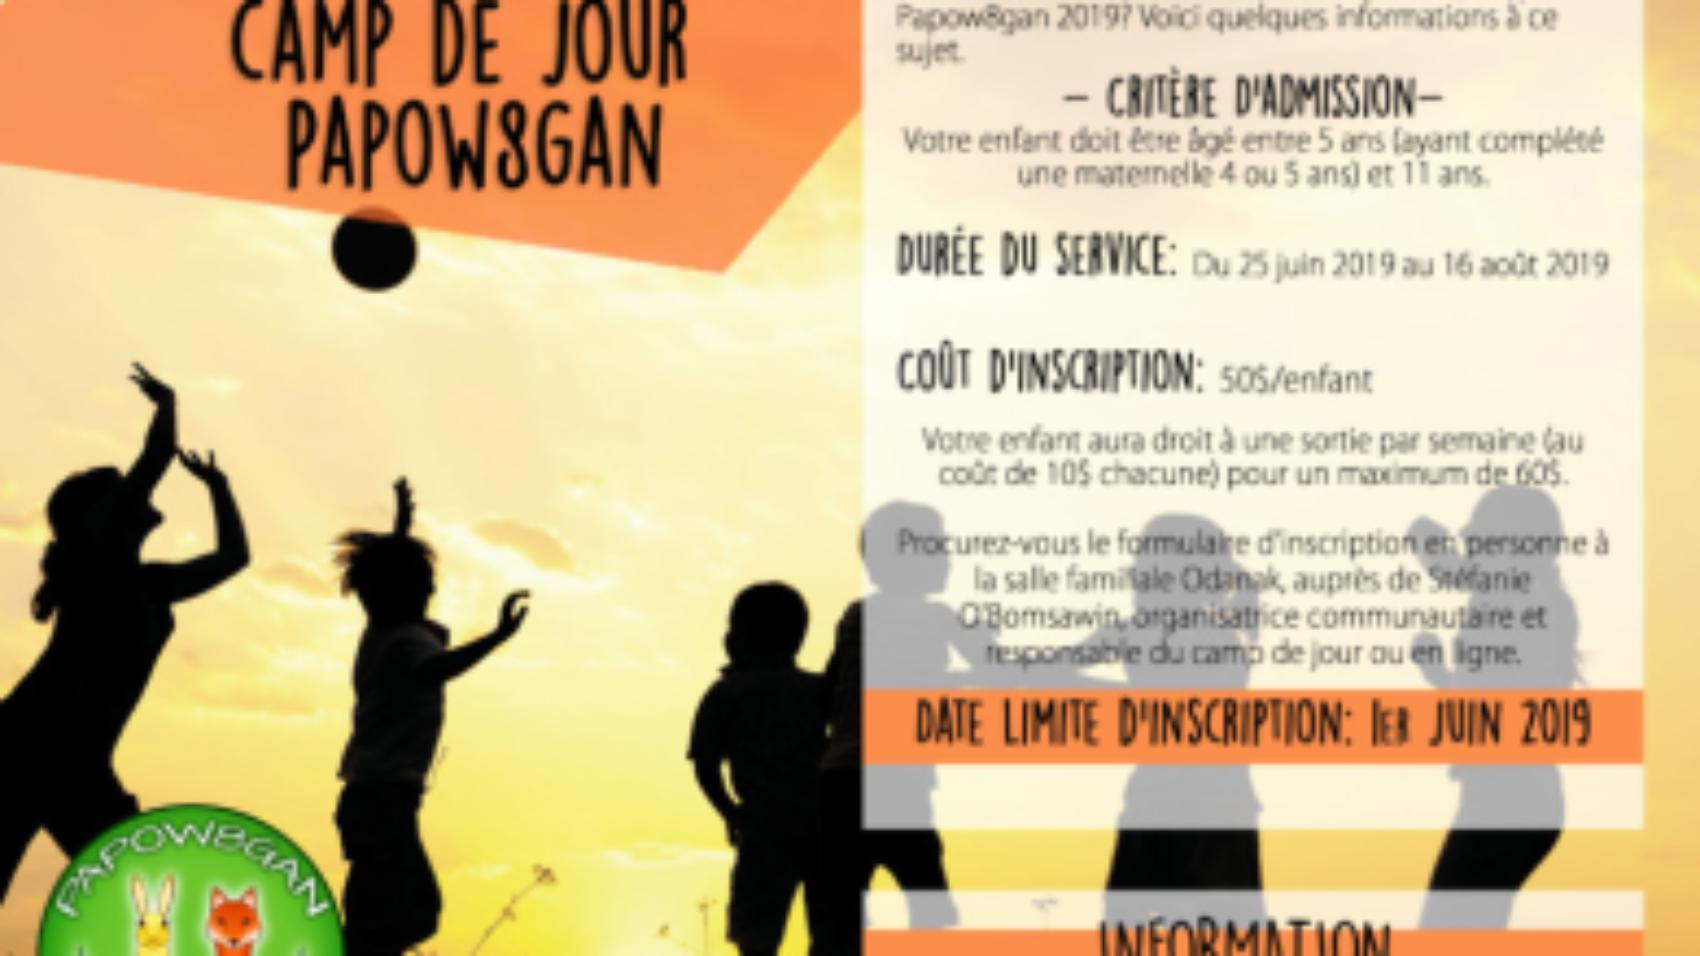 SEFPN_Camp-de-jour-Odanak-2019-1024x791